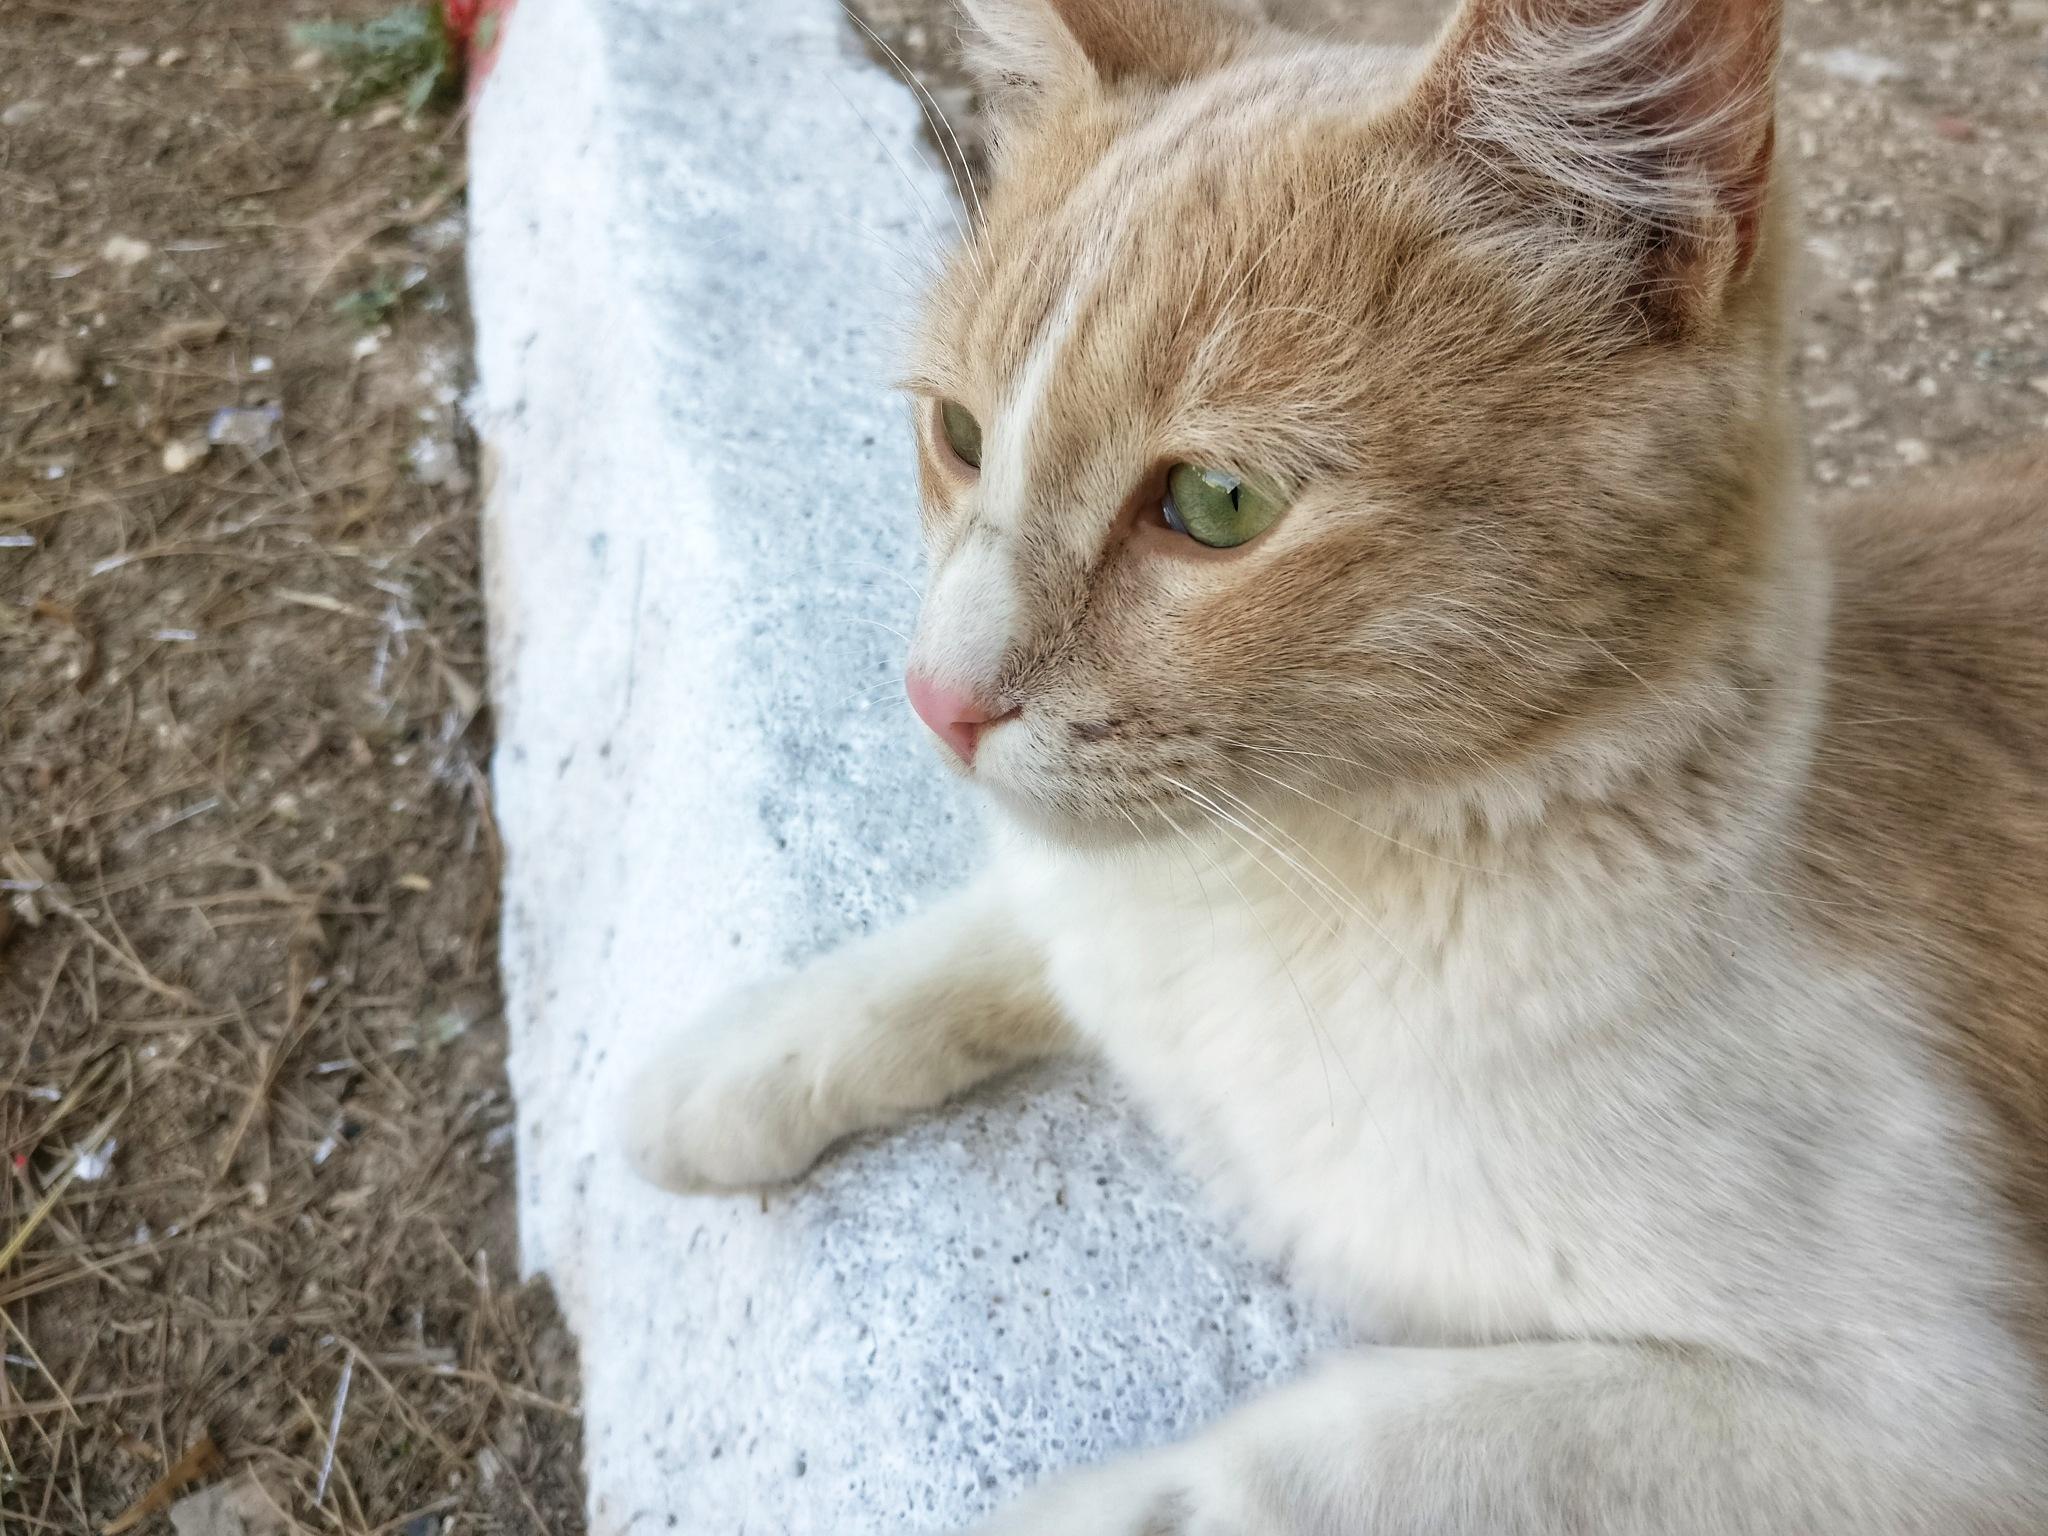 Cat by Ahmed Hamida